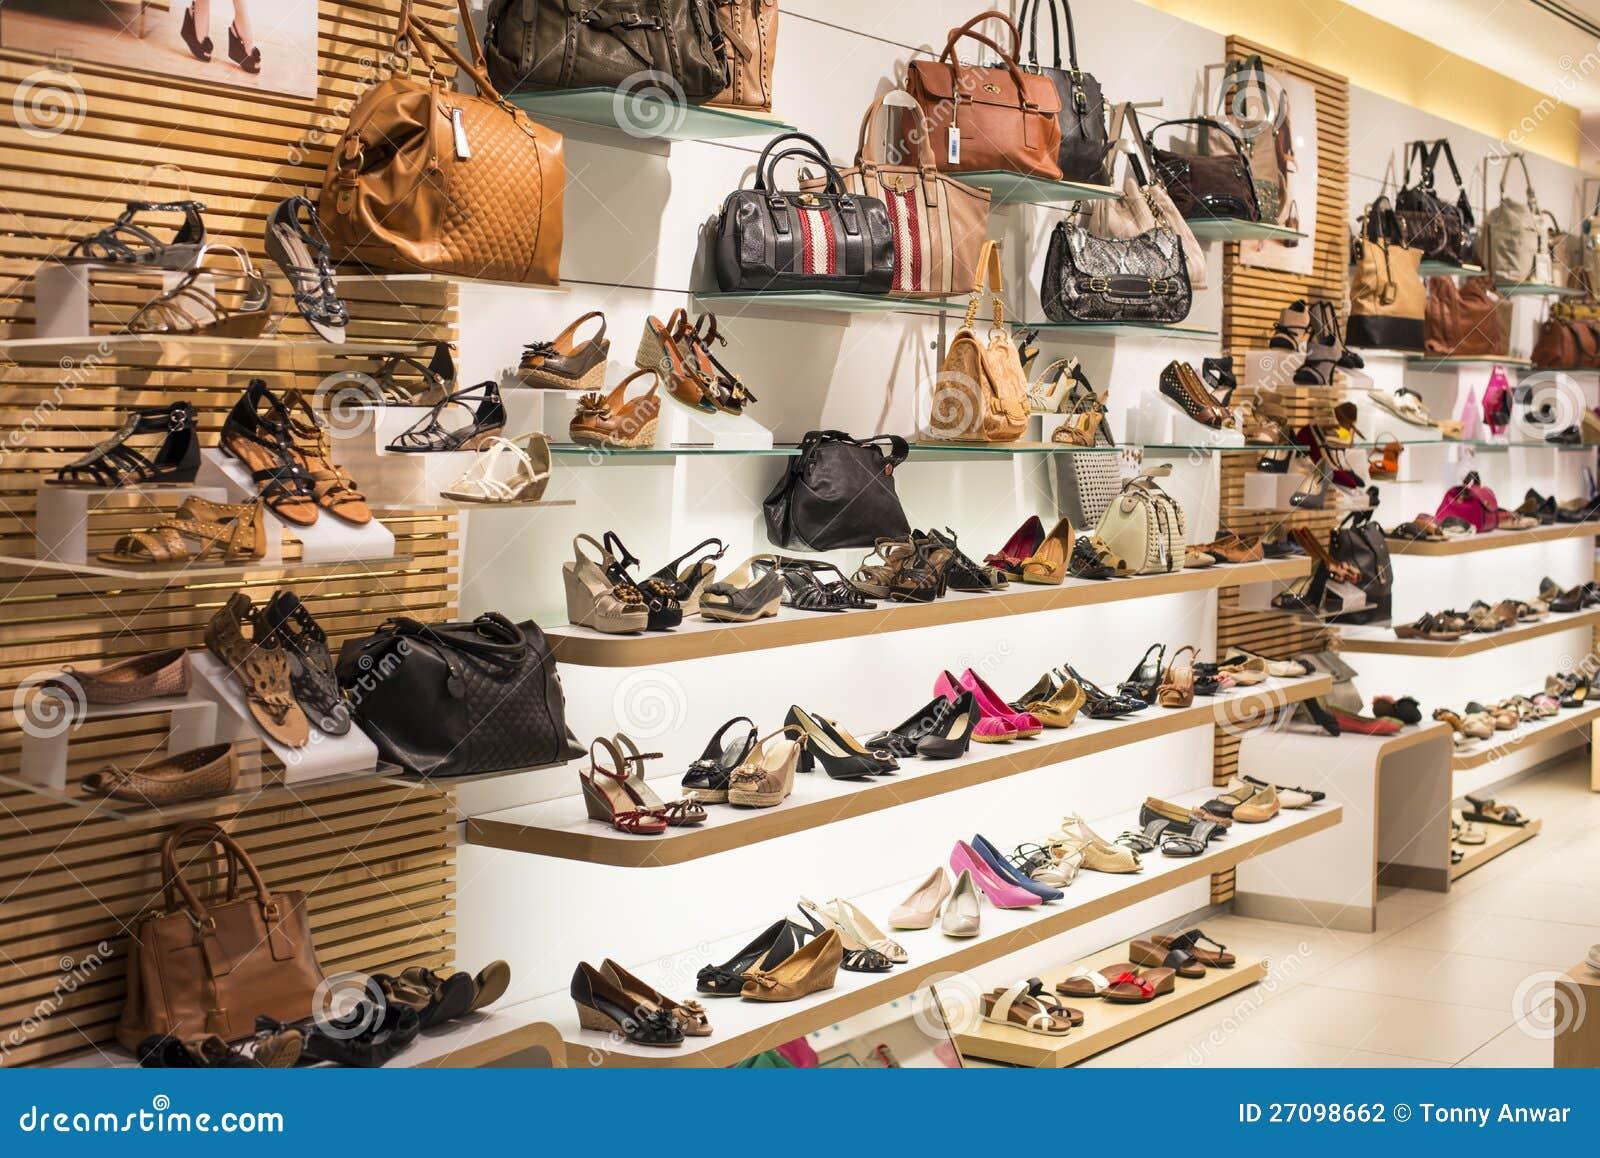 Women shoe stores. Shoes online